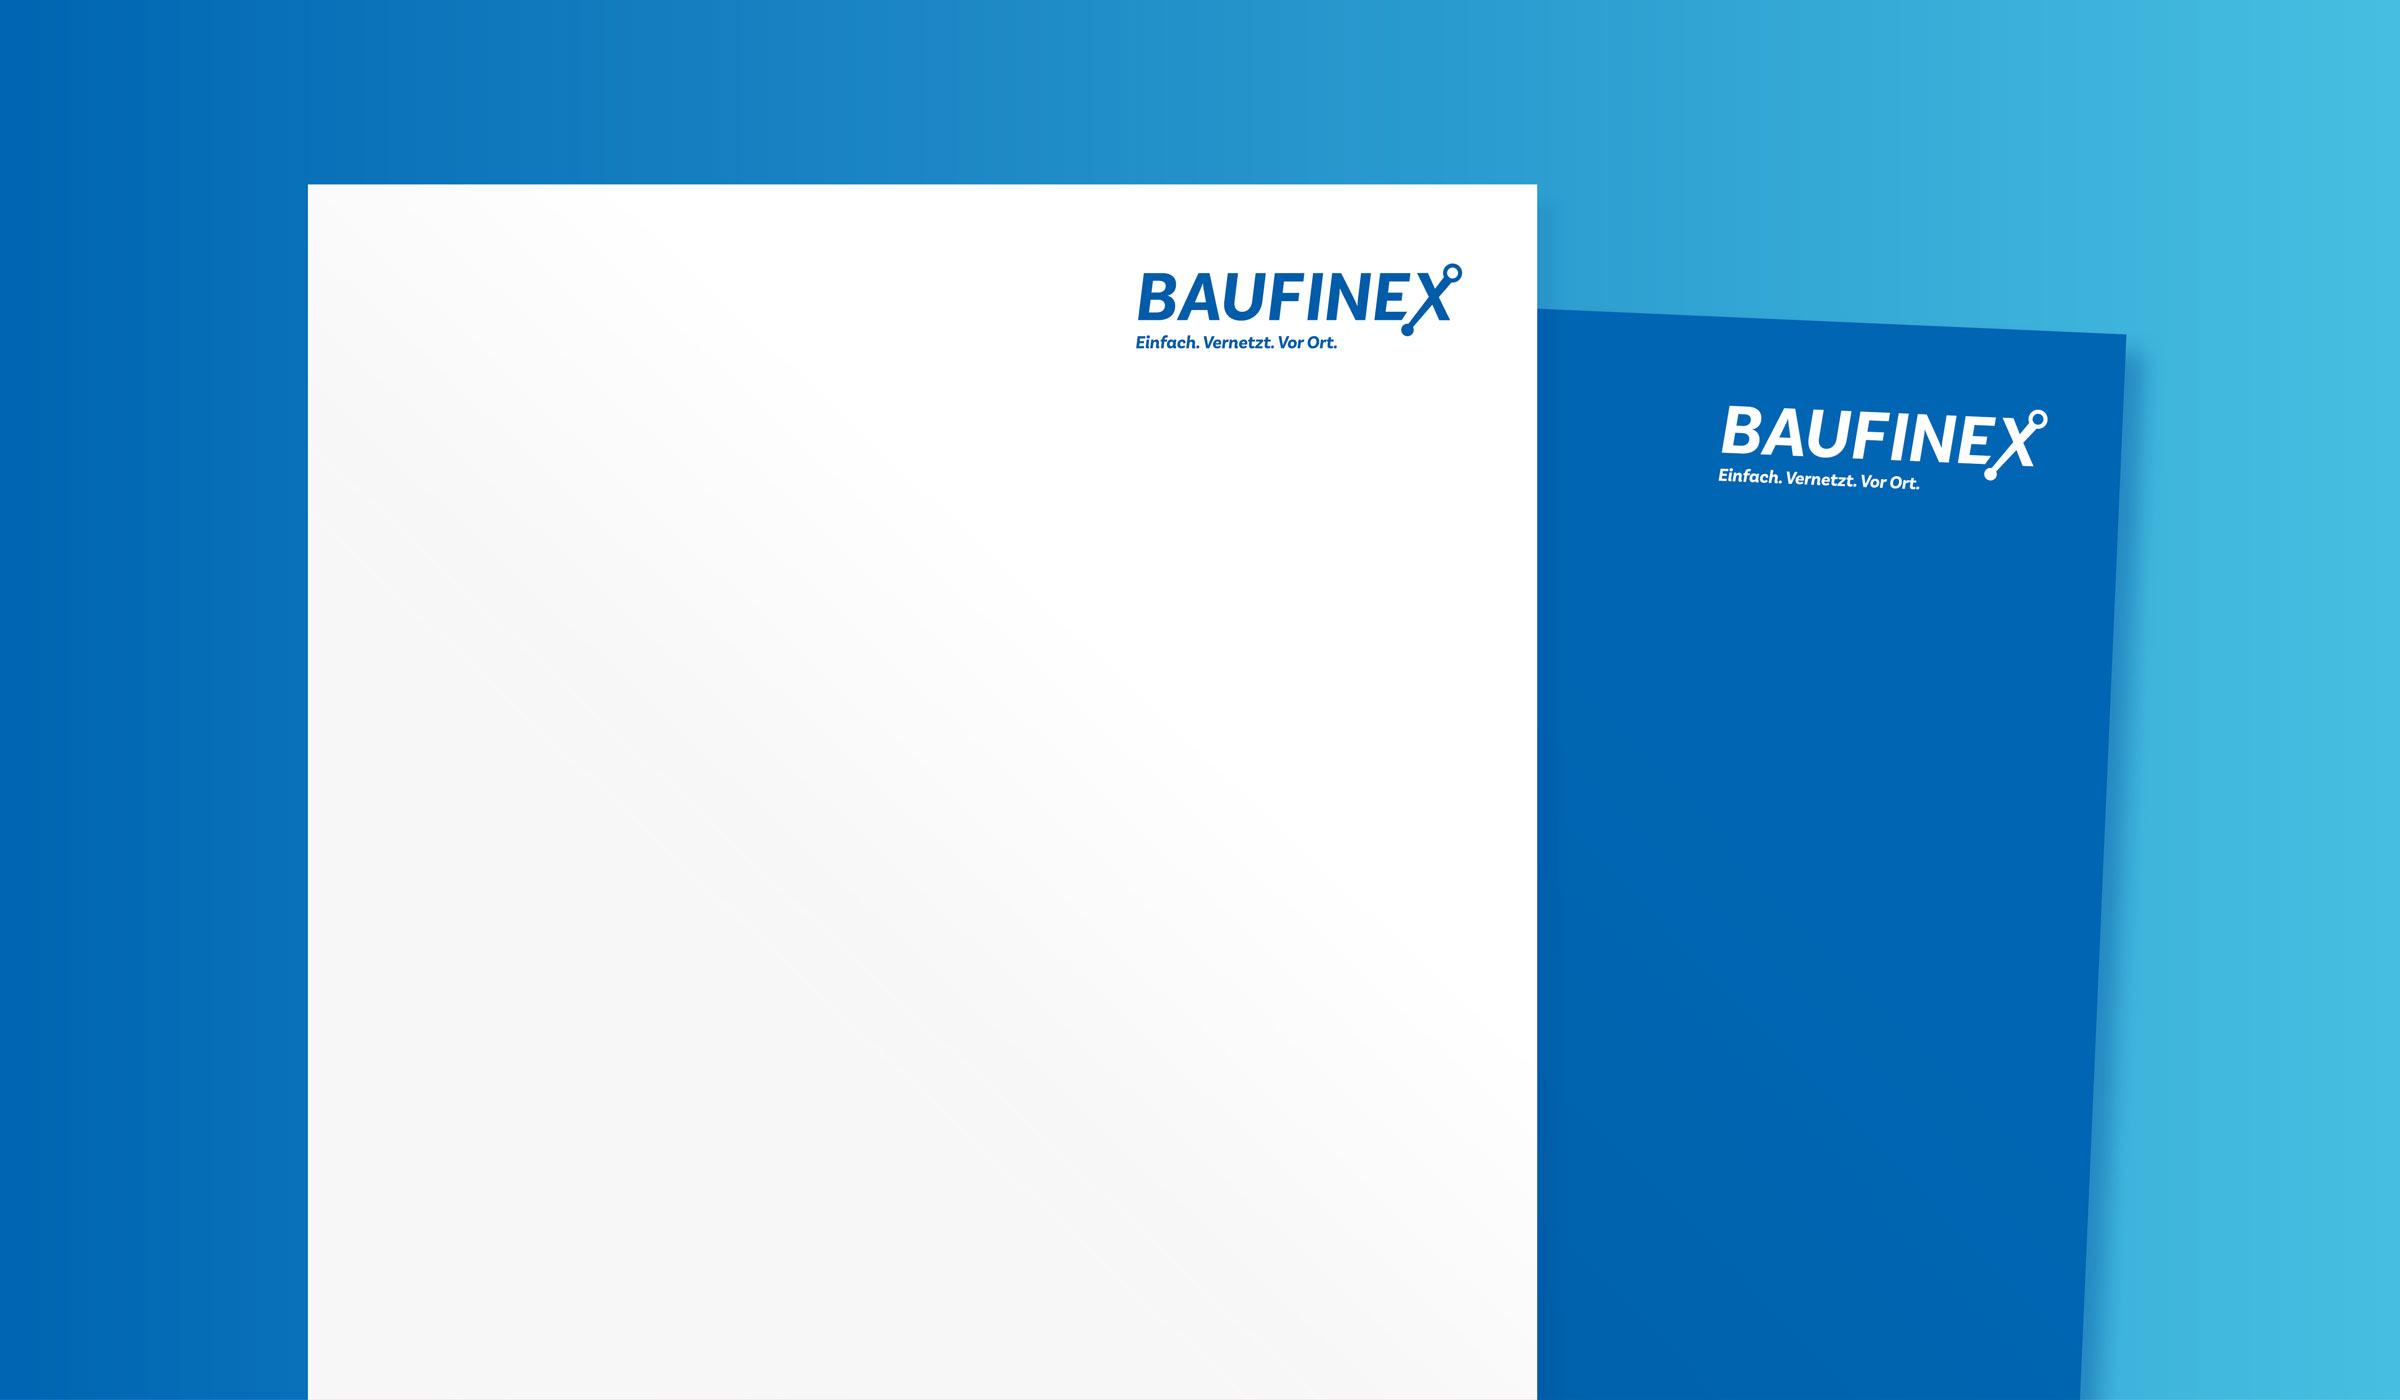 WW_Baufinex_03_pic